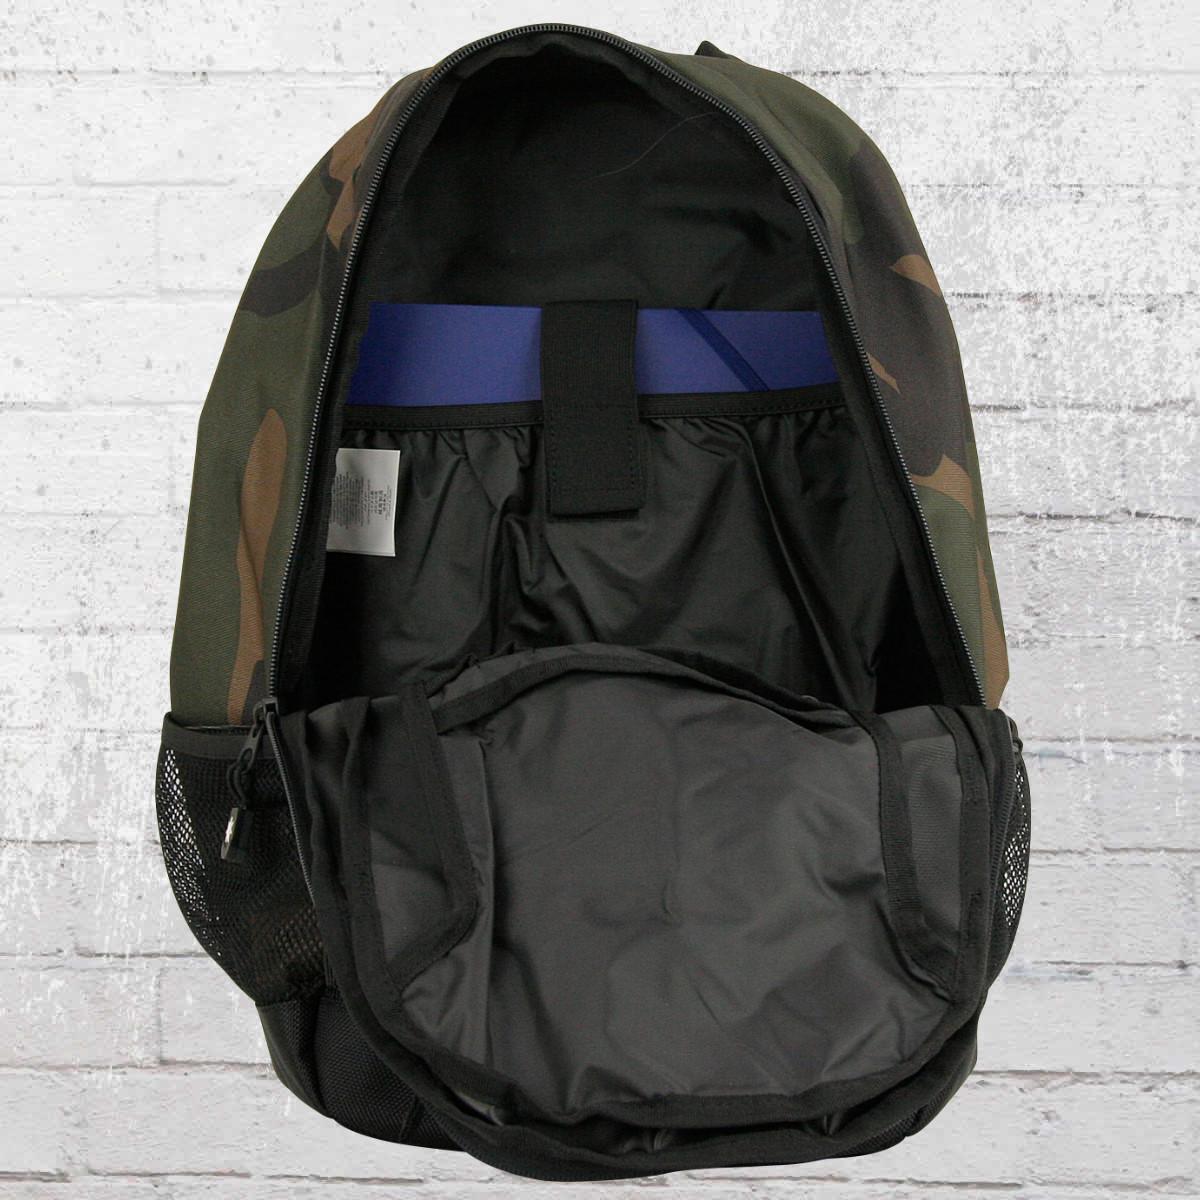 43735939fc3 Order now   DC Shoes Backpack Grind Skatepack camouflage